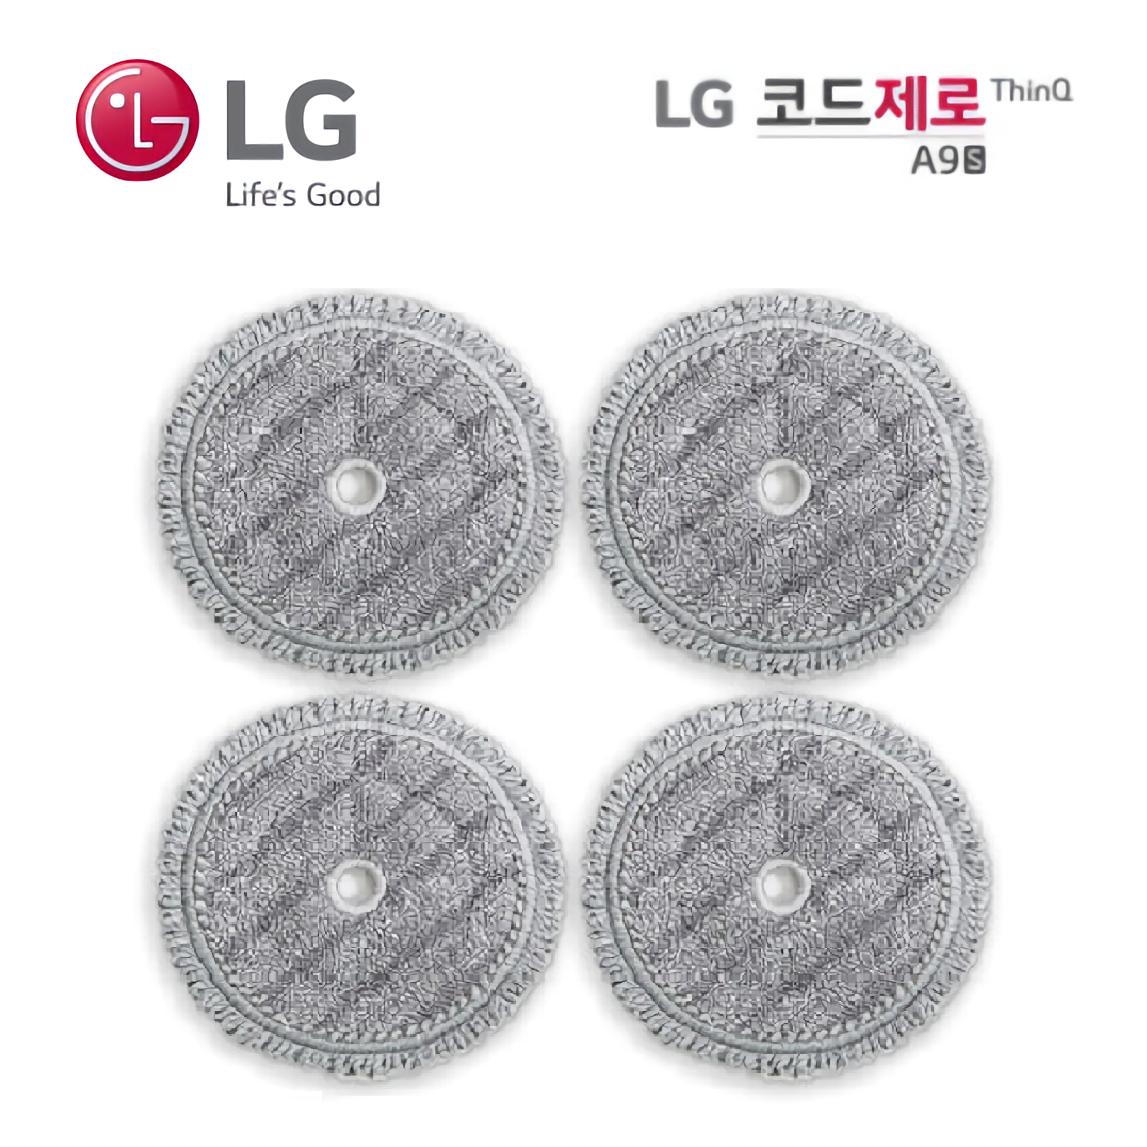 LG 코드제로 A9 일반용 물걸레 청소포, 1개, 코드제로A9물걸레4개